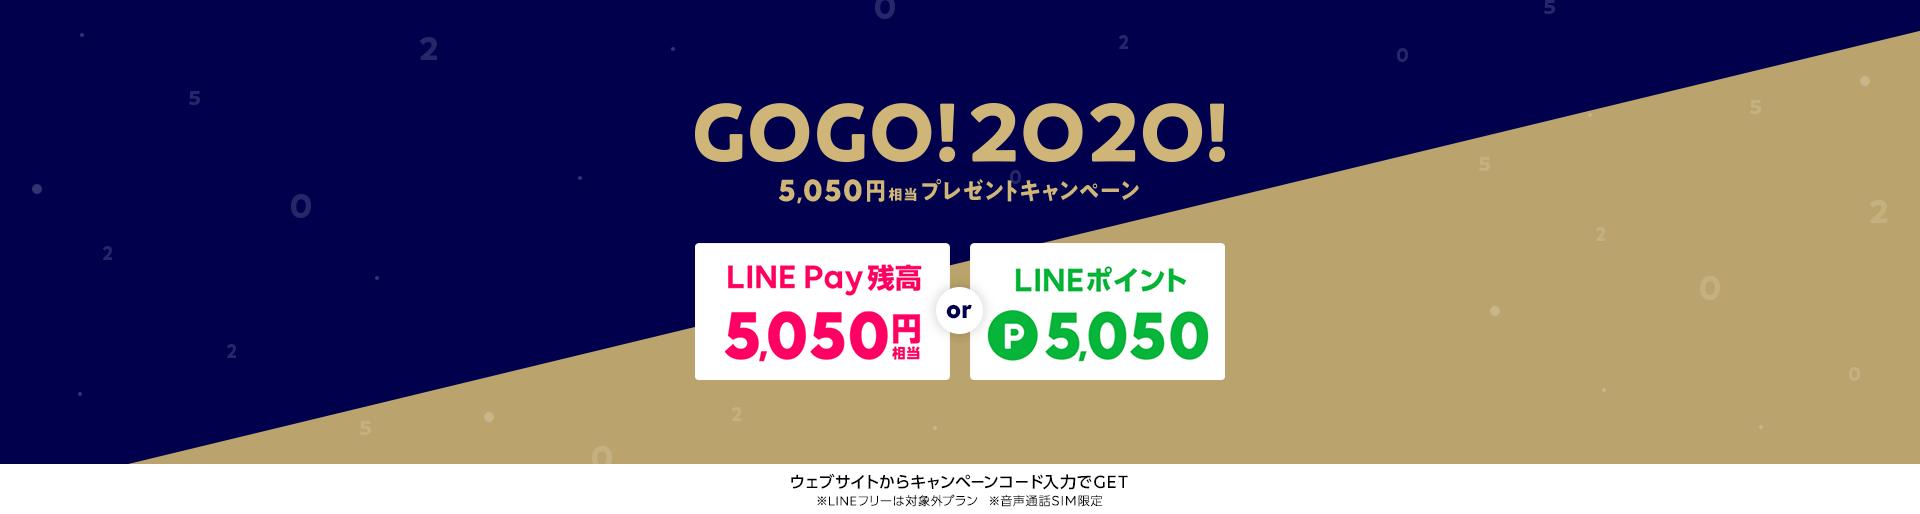 GOGO!2020!5,050円相当プレゼントキャンペーン 選べる もらえる LINE Pay 残高5,050円相当orLINEポイントP5,050ウェブサイトからキャンペーンコード入力でGET